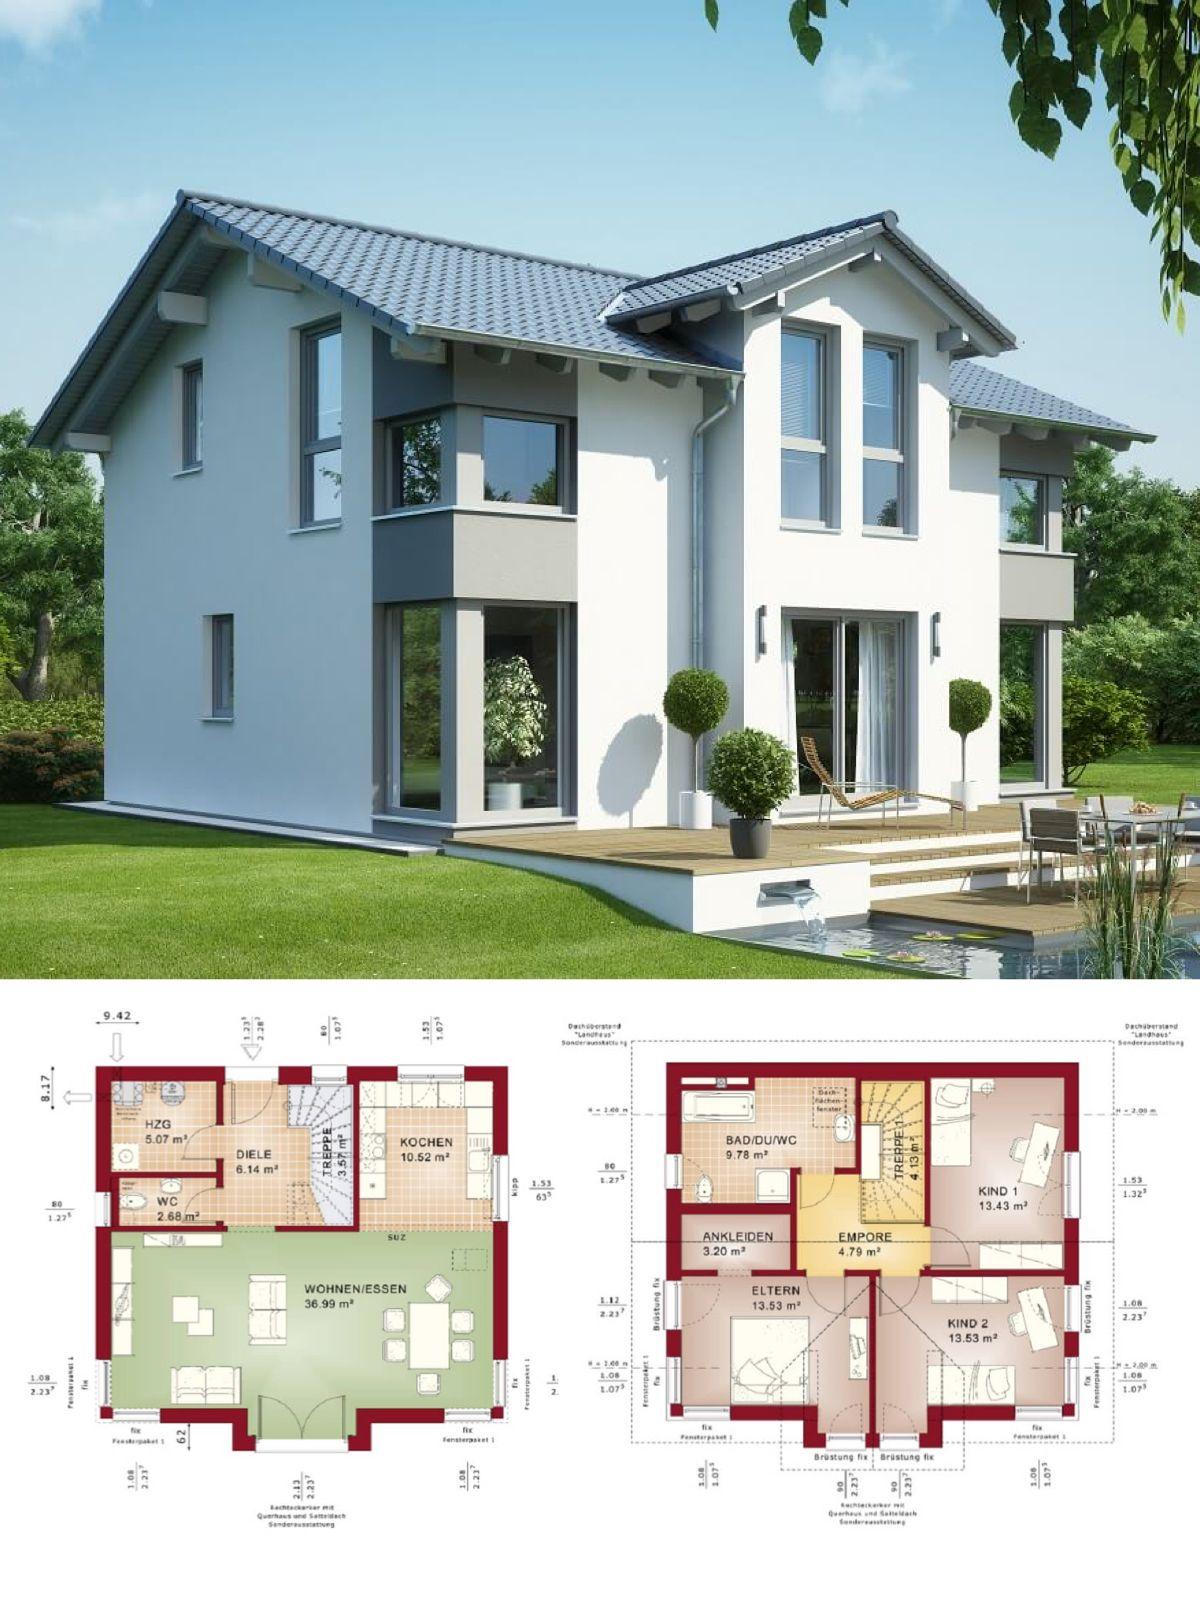 AuBergewohnlich Einfamilienhaus Mit Satteldach U0026 Querhaus   Haus Bauen Grundriss Fertighaus  Evolution 125 V4 Bien Zenker Hausbau